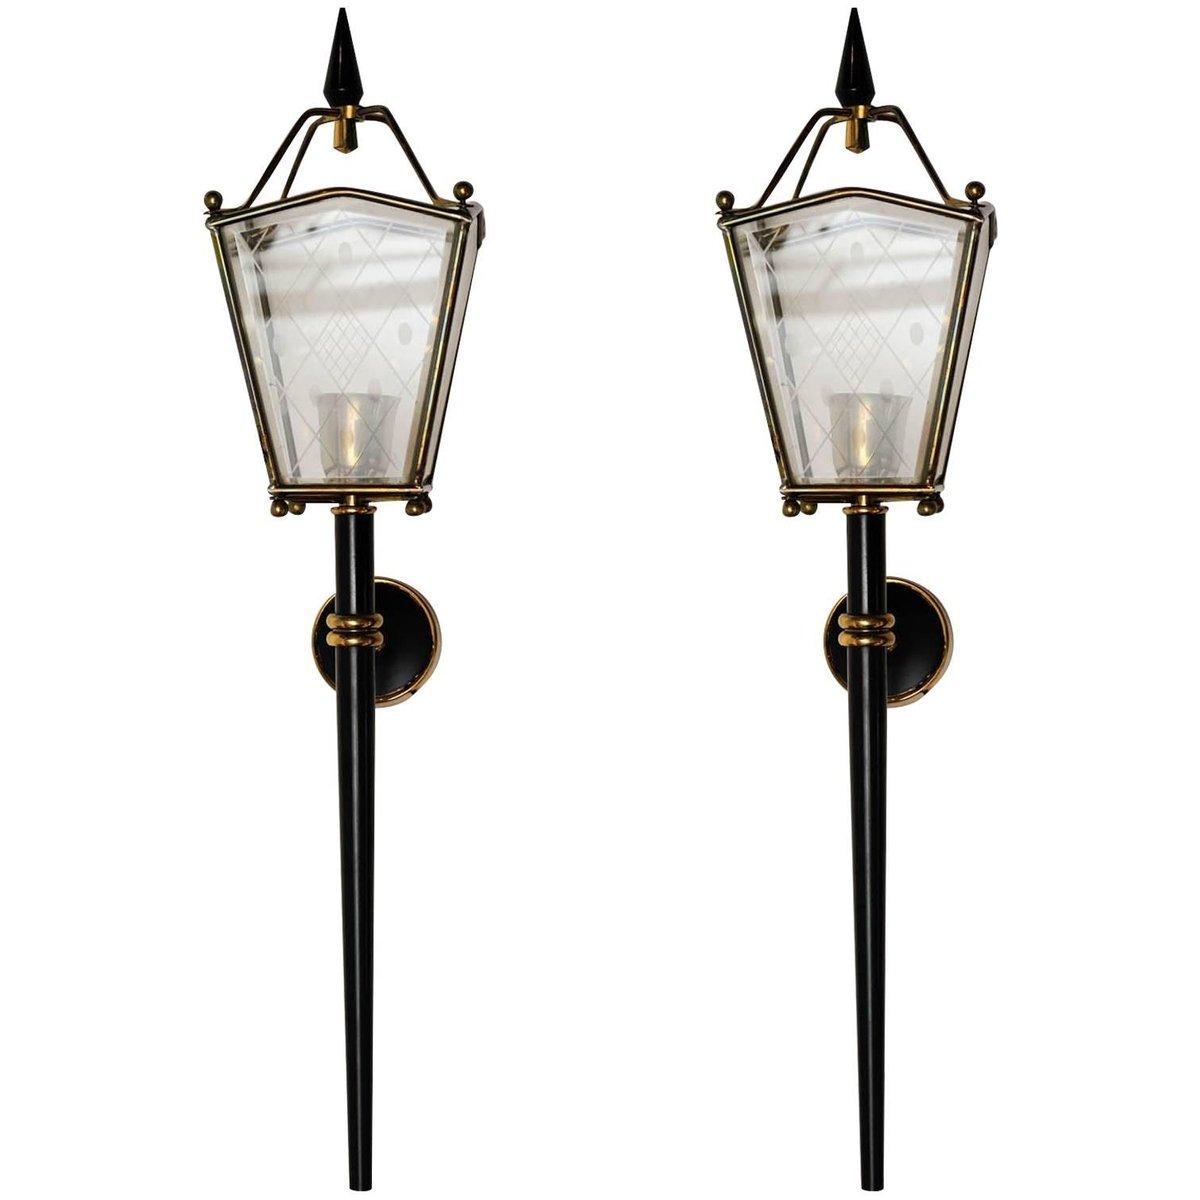 Schwarze Metall, Messing & Glas Wandleuchten, 1960er, 2er Set